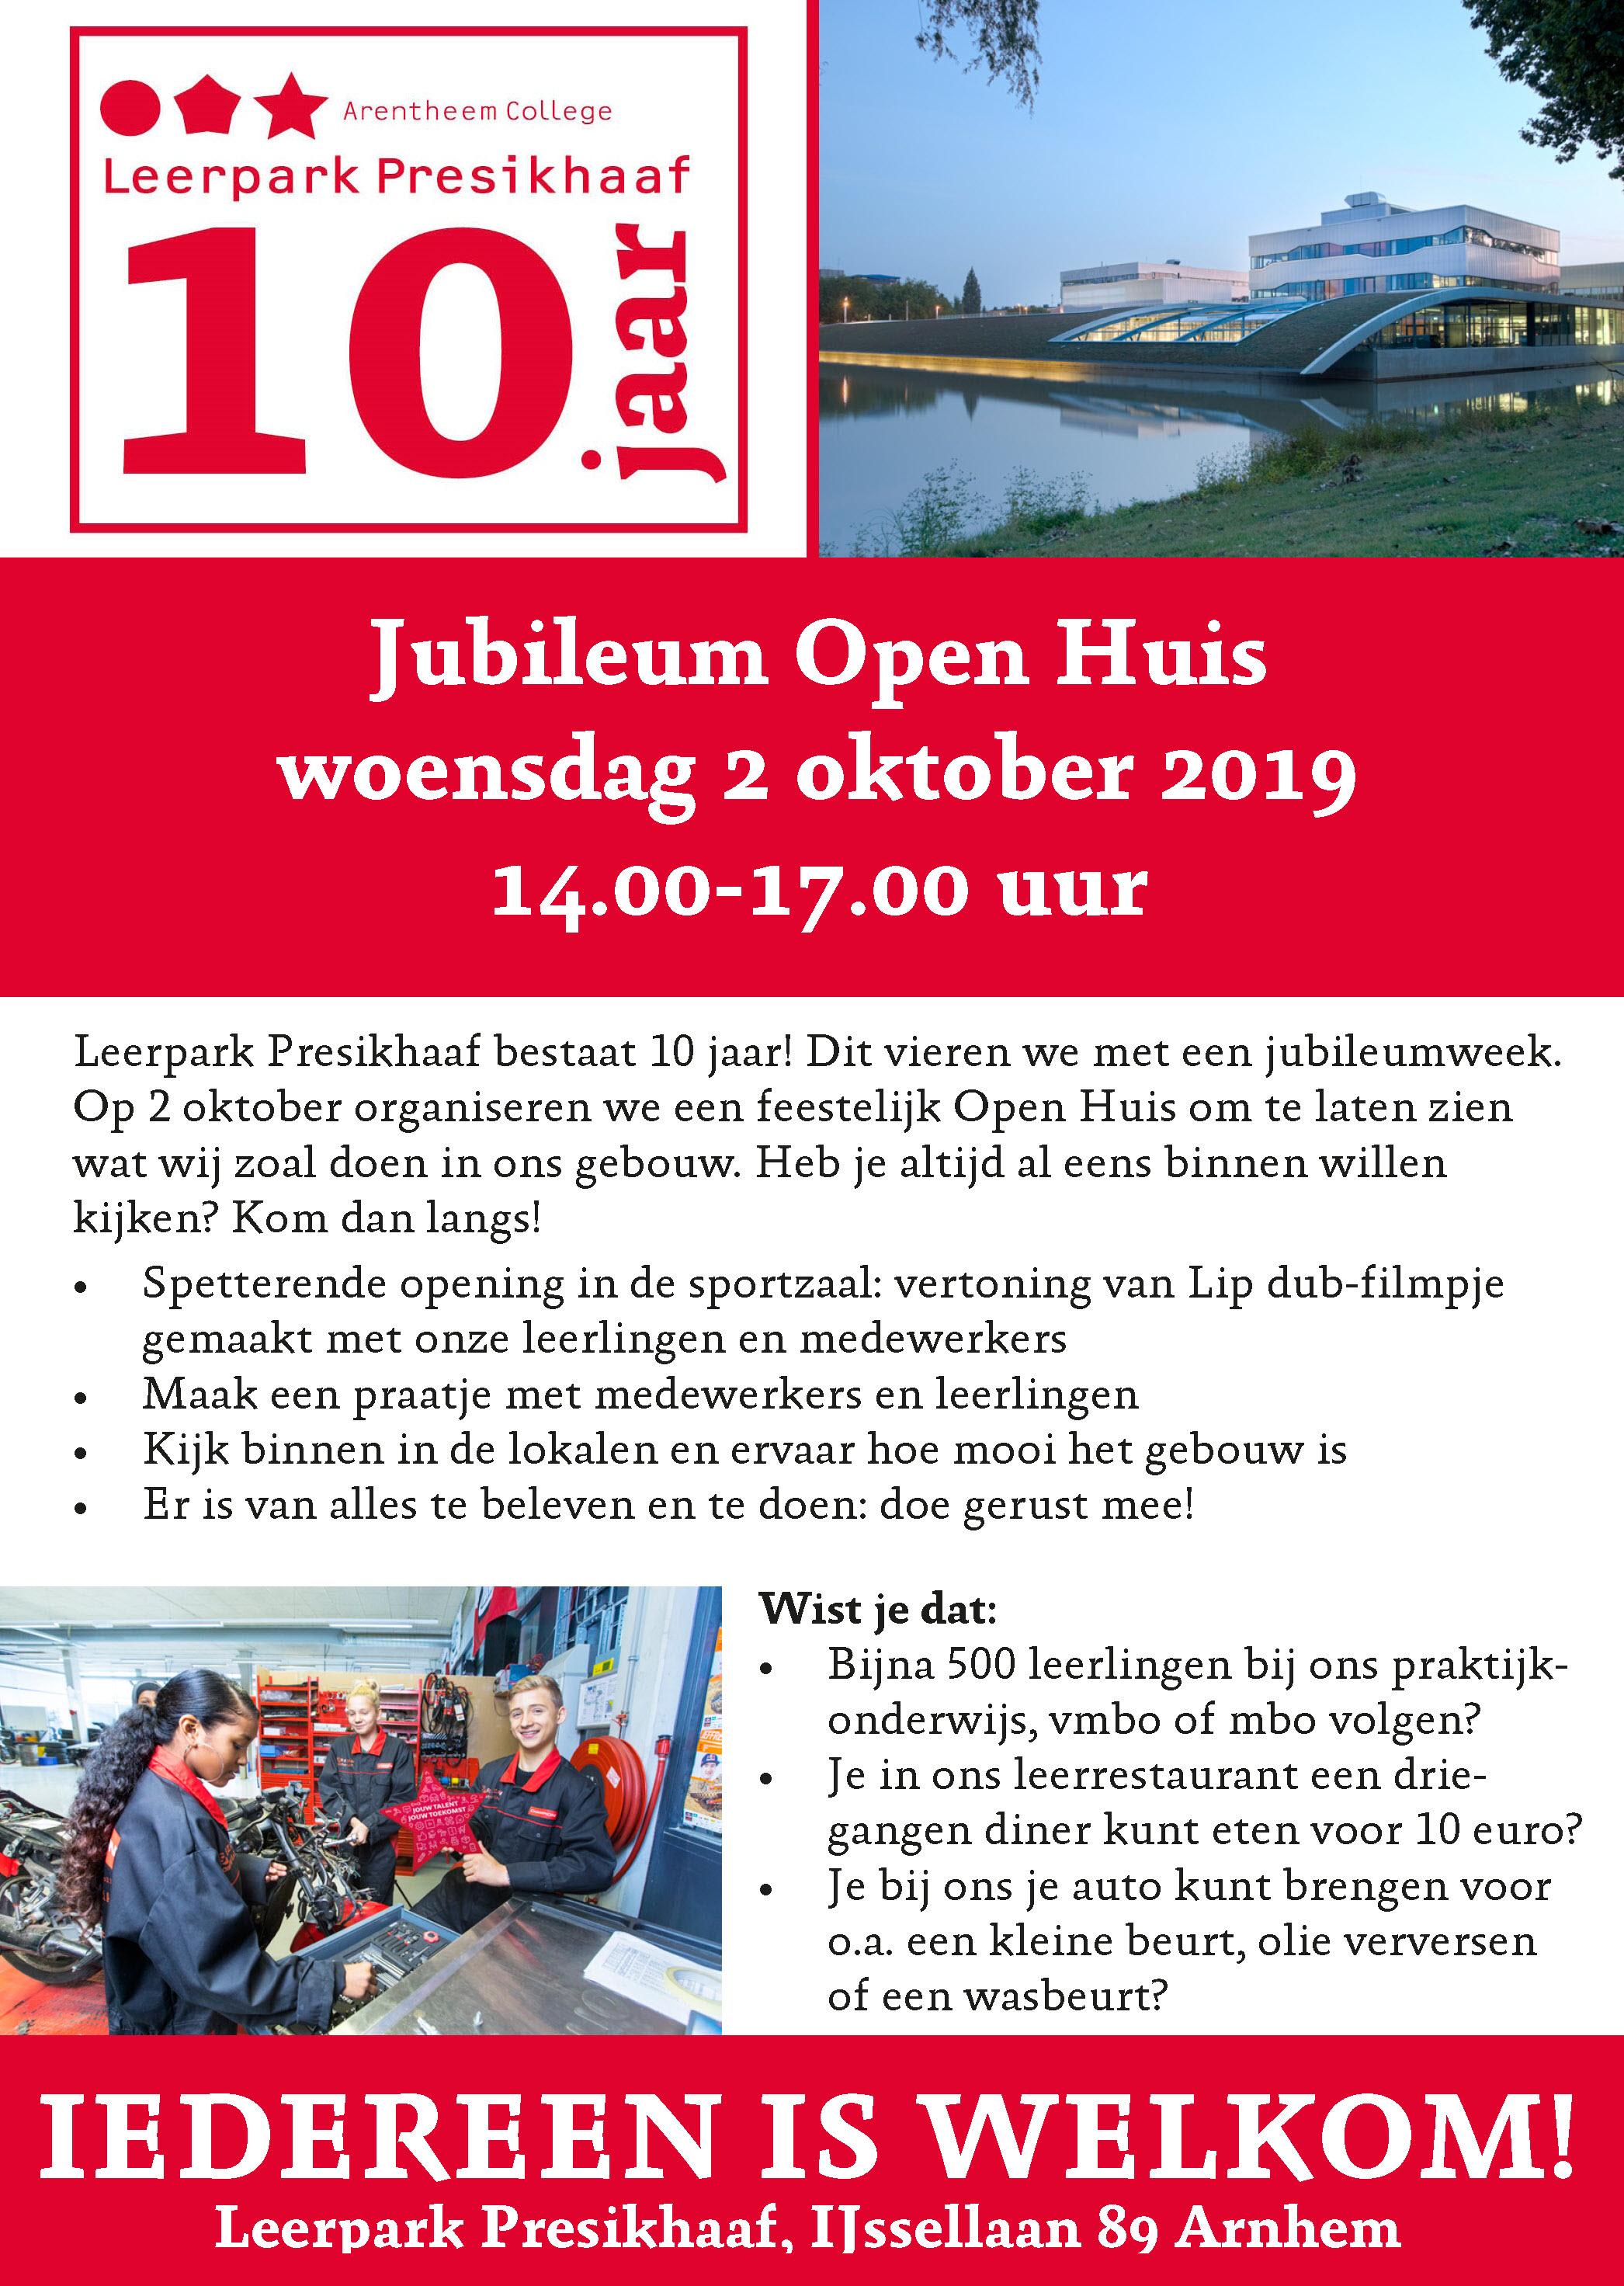 Leerpark Presikhaaf Jubileum Open Huis